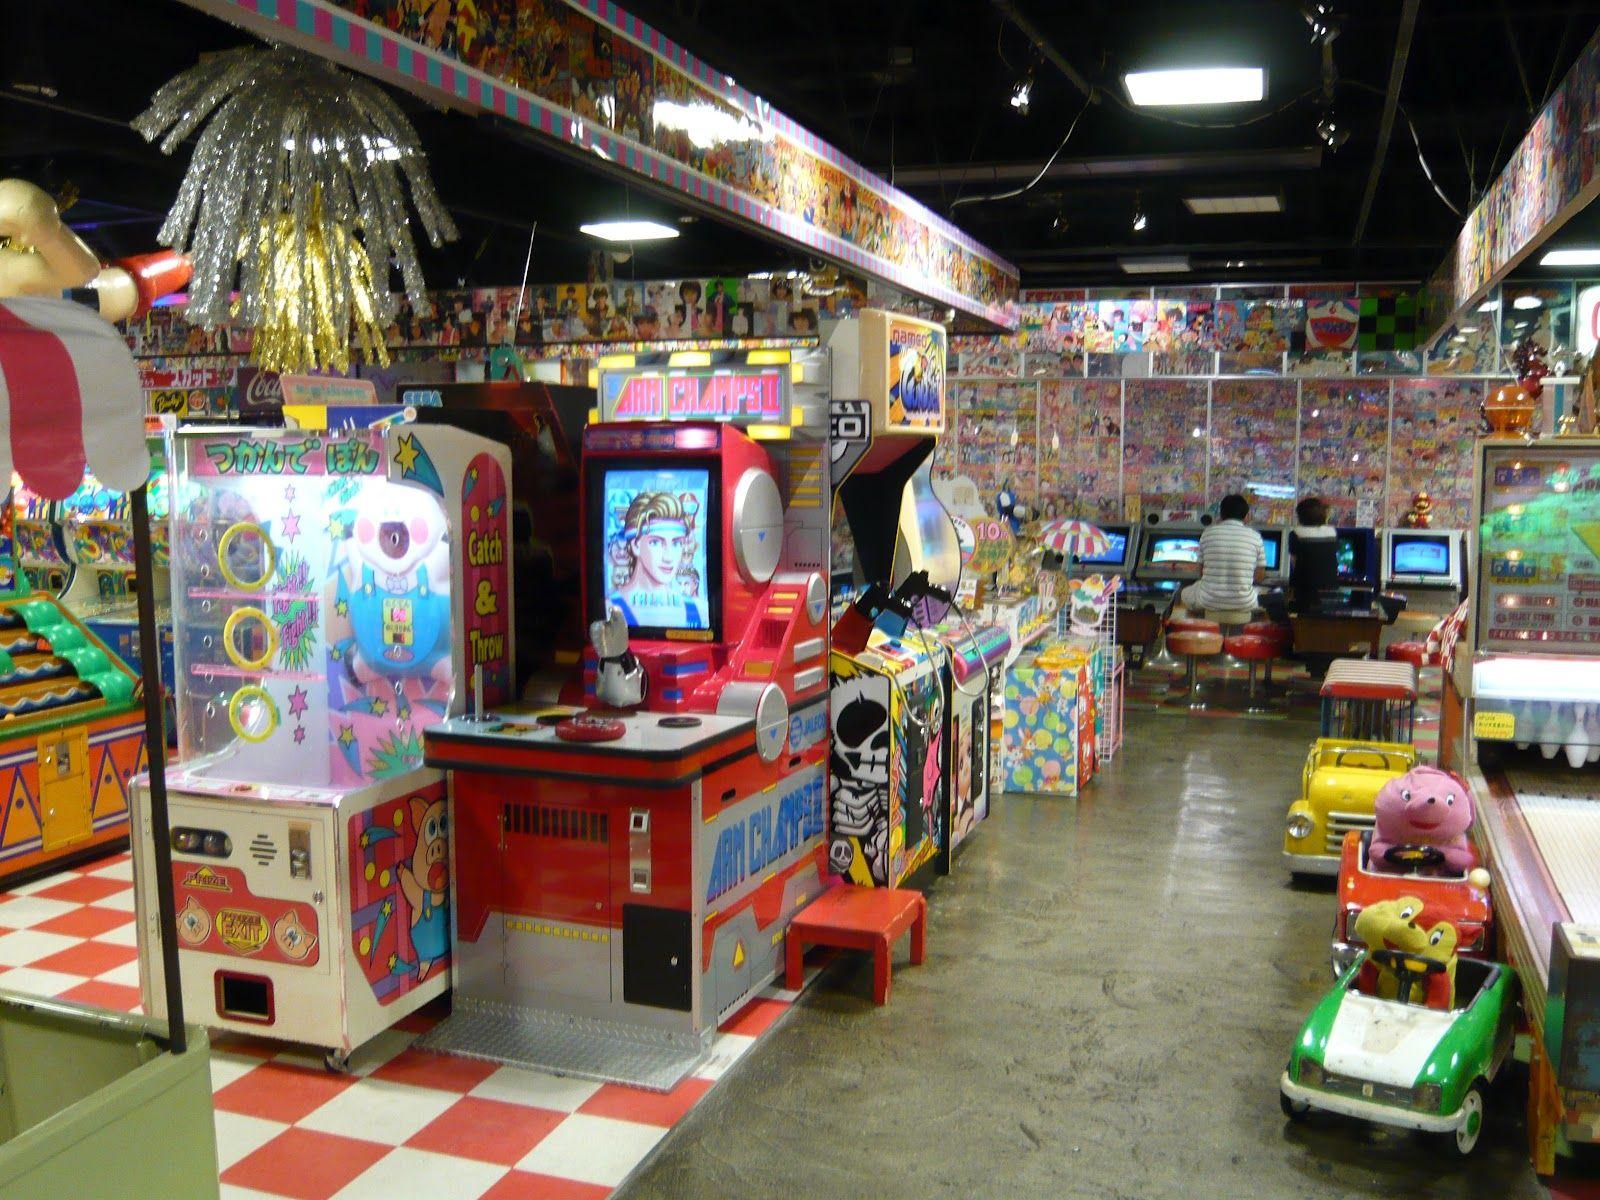 Tokyo arcade Arcade, Arcade video games, Retro gaming